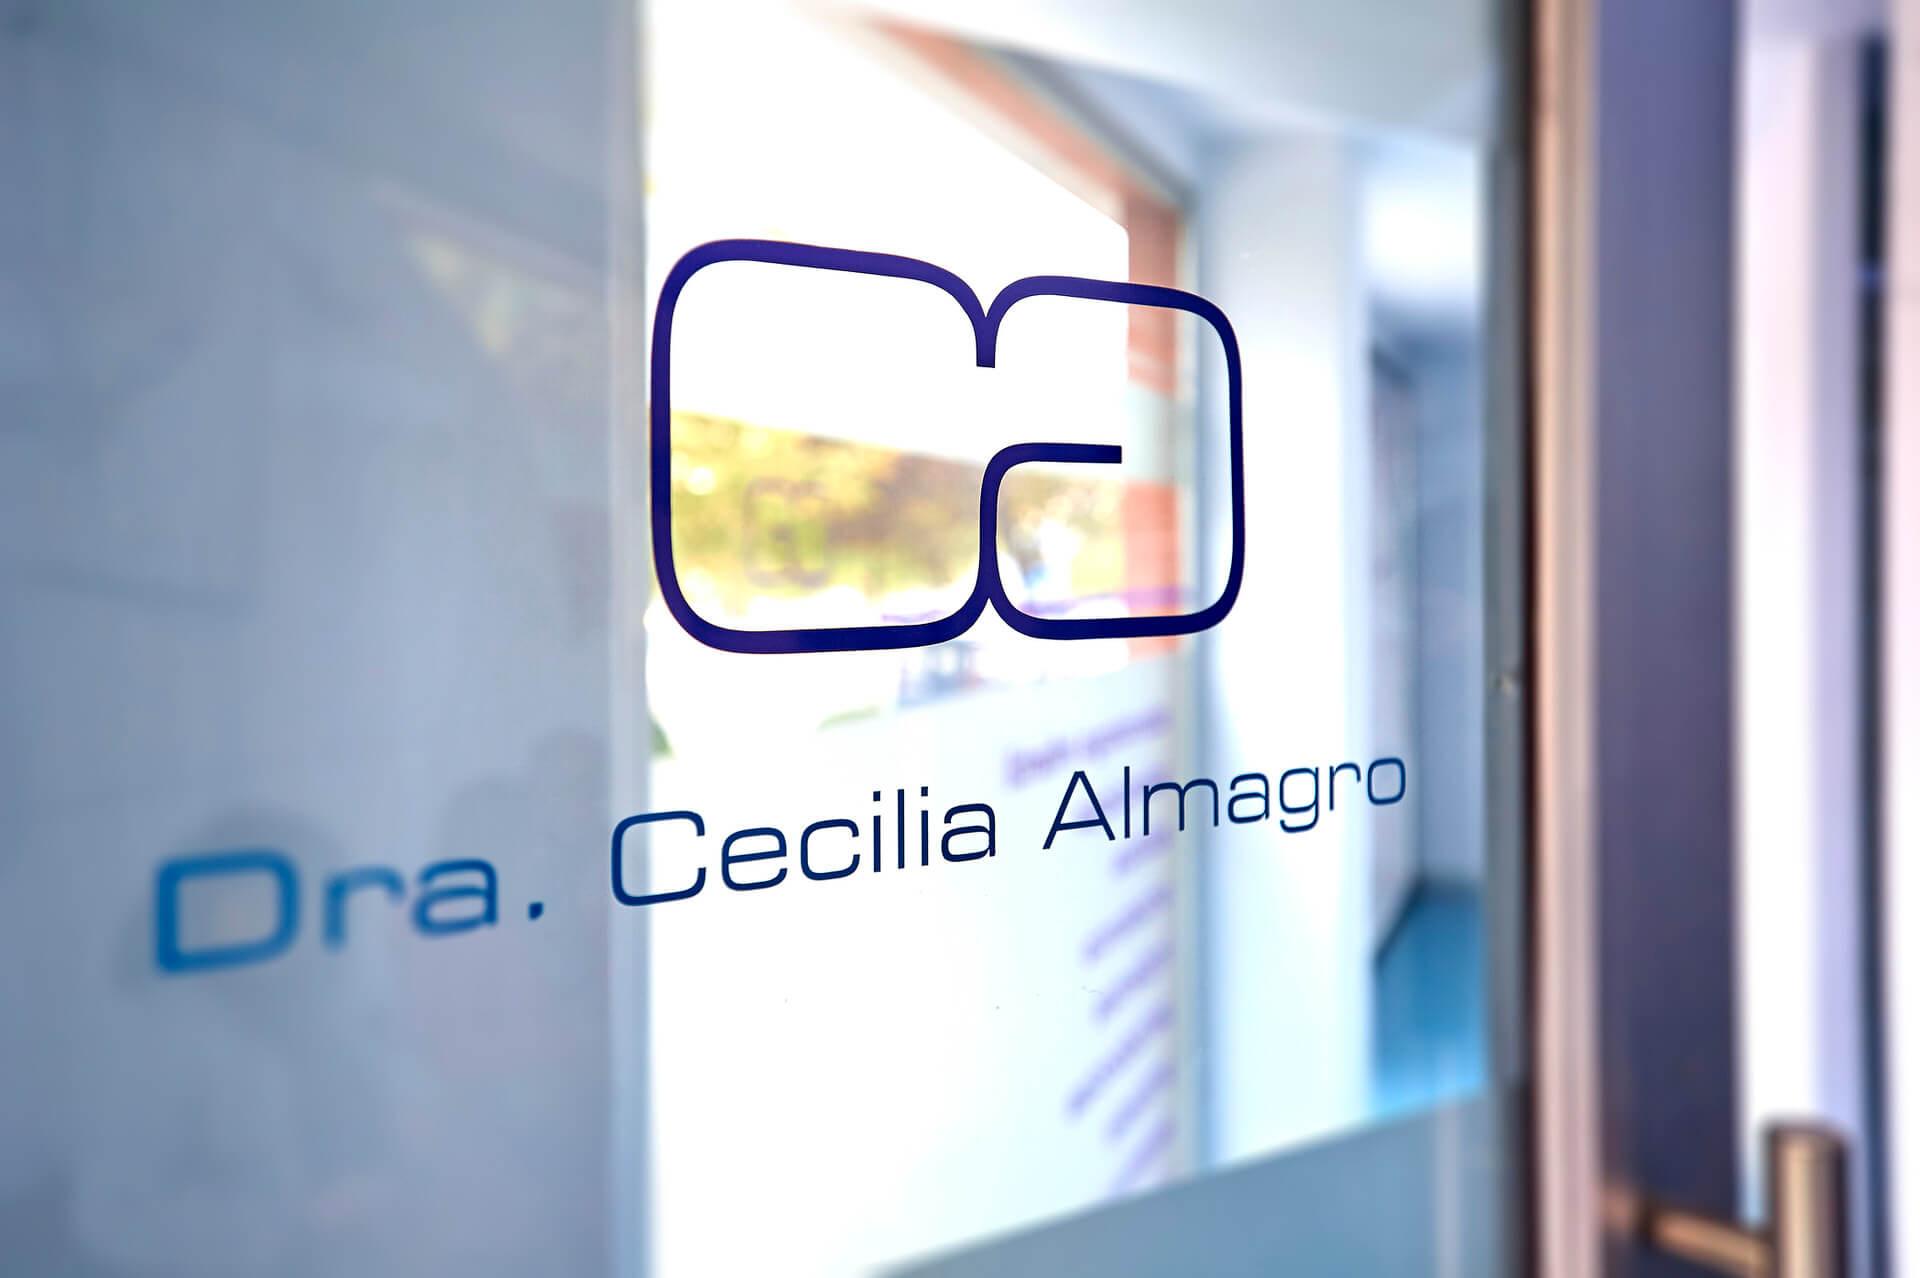 Clínica dental en Granada | Dentista Dra. Cecilia Almagro